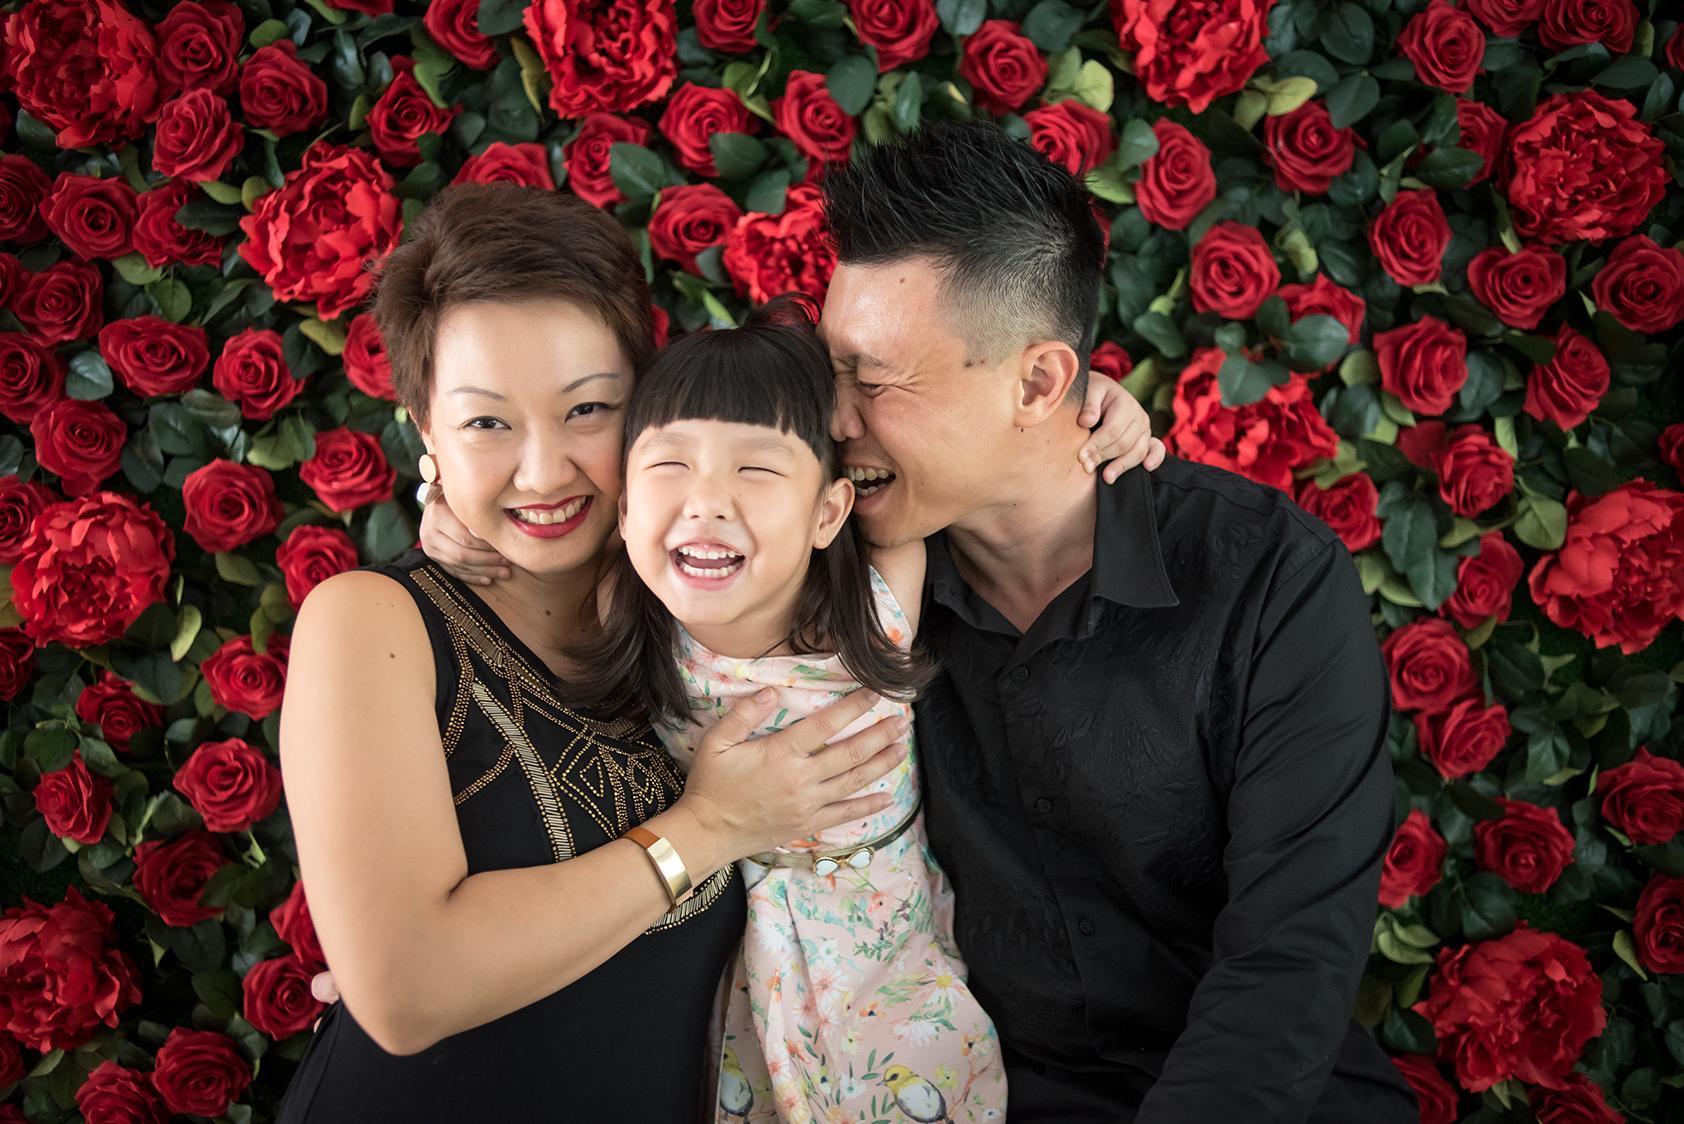 happy-family-photo-bailey-01